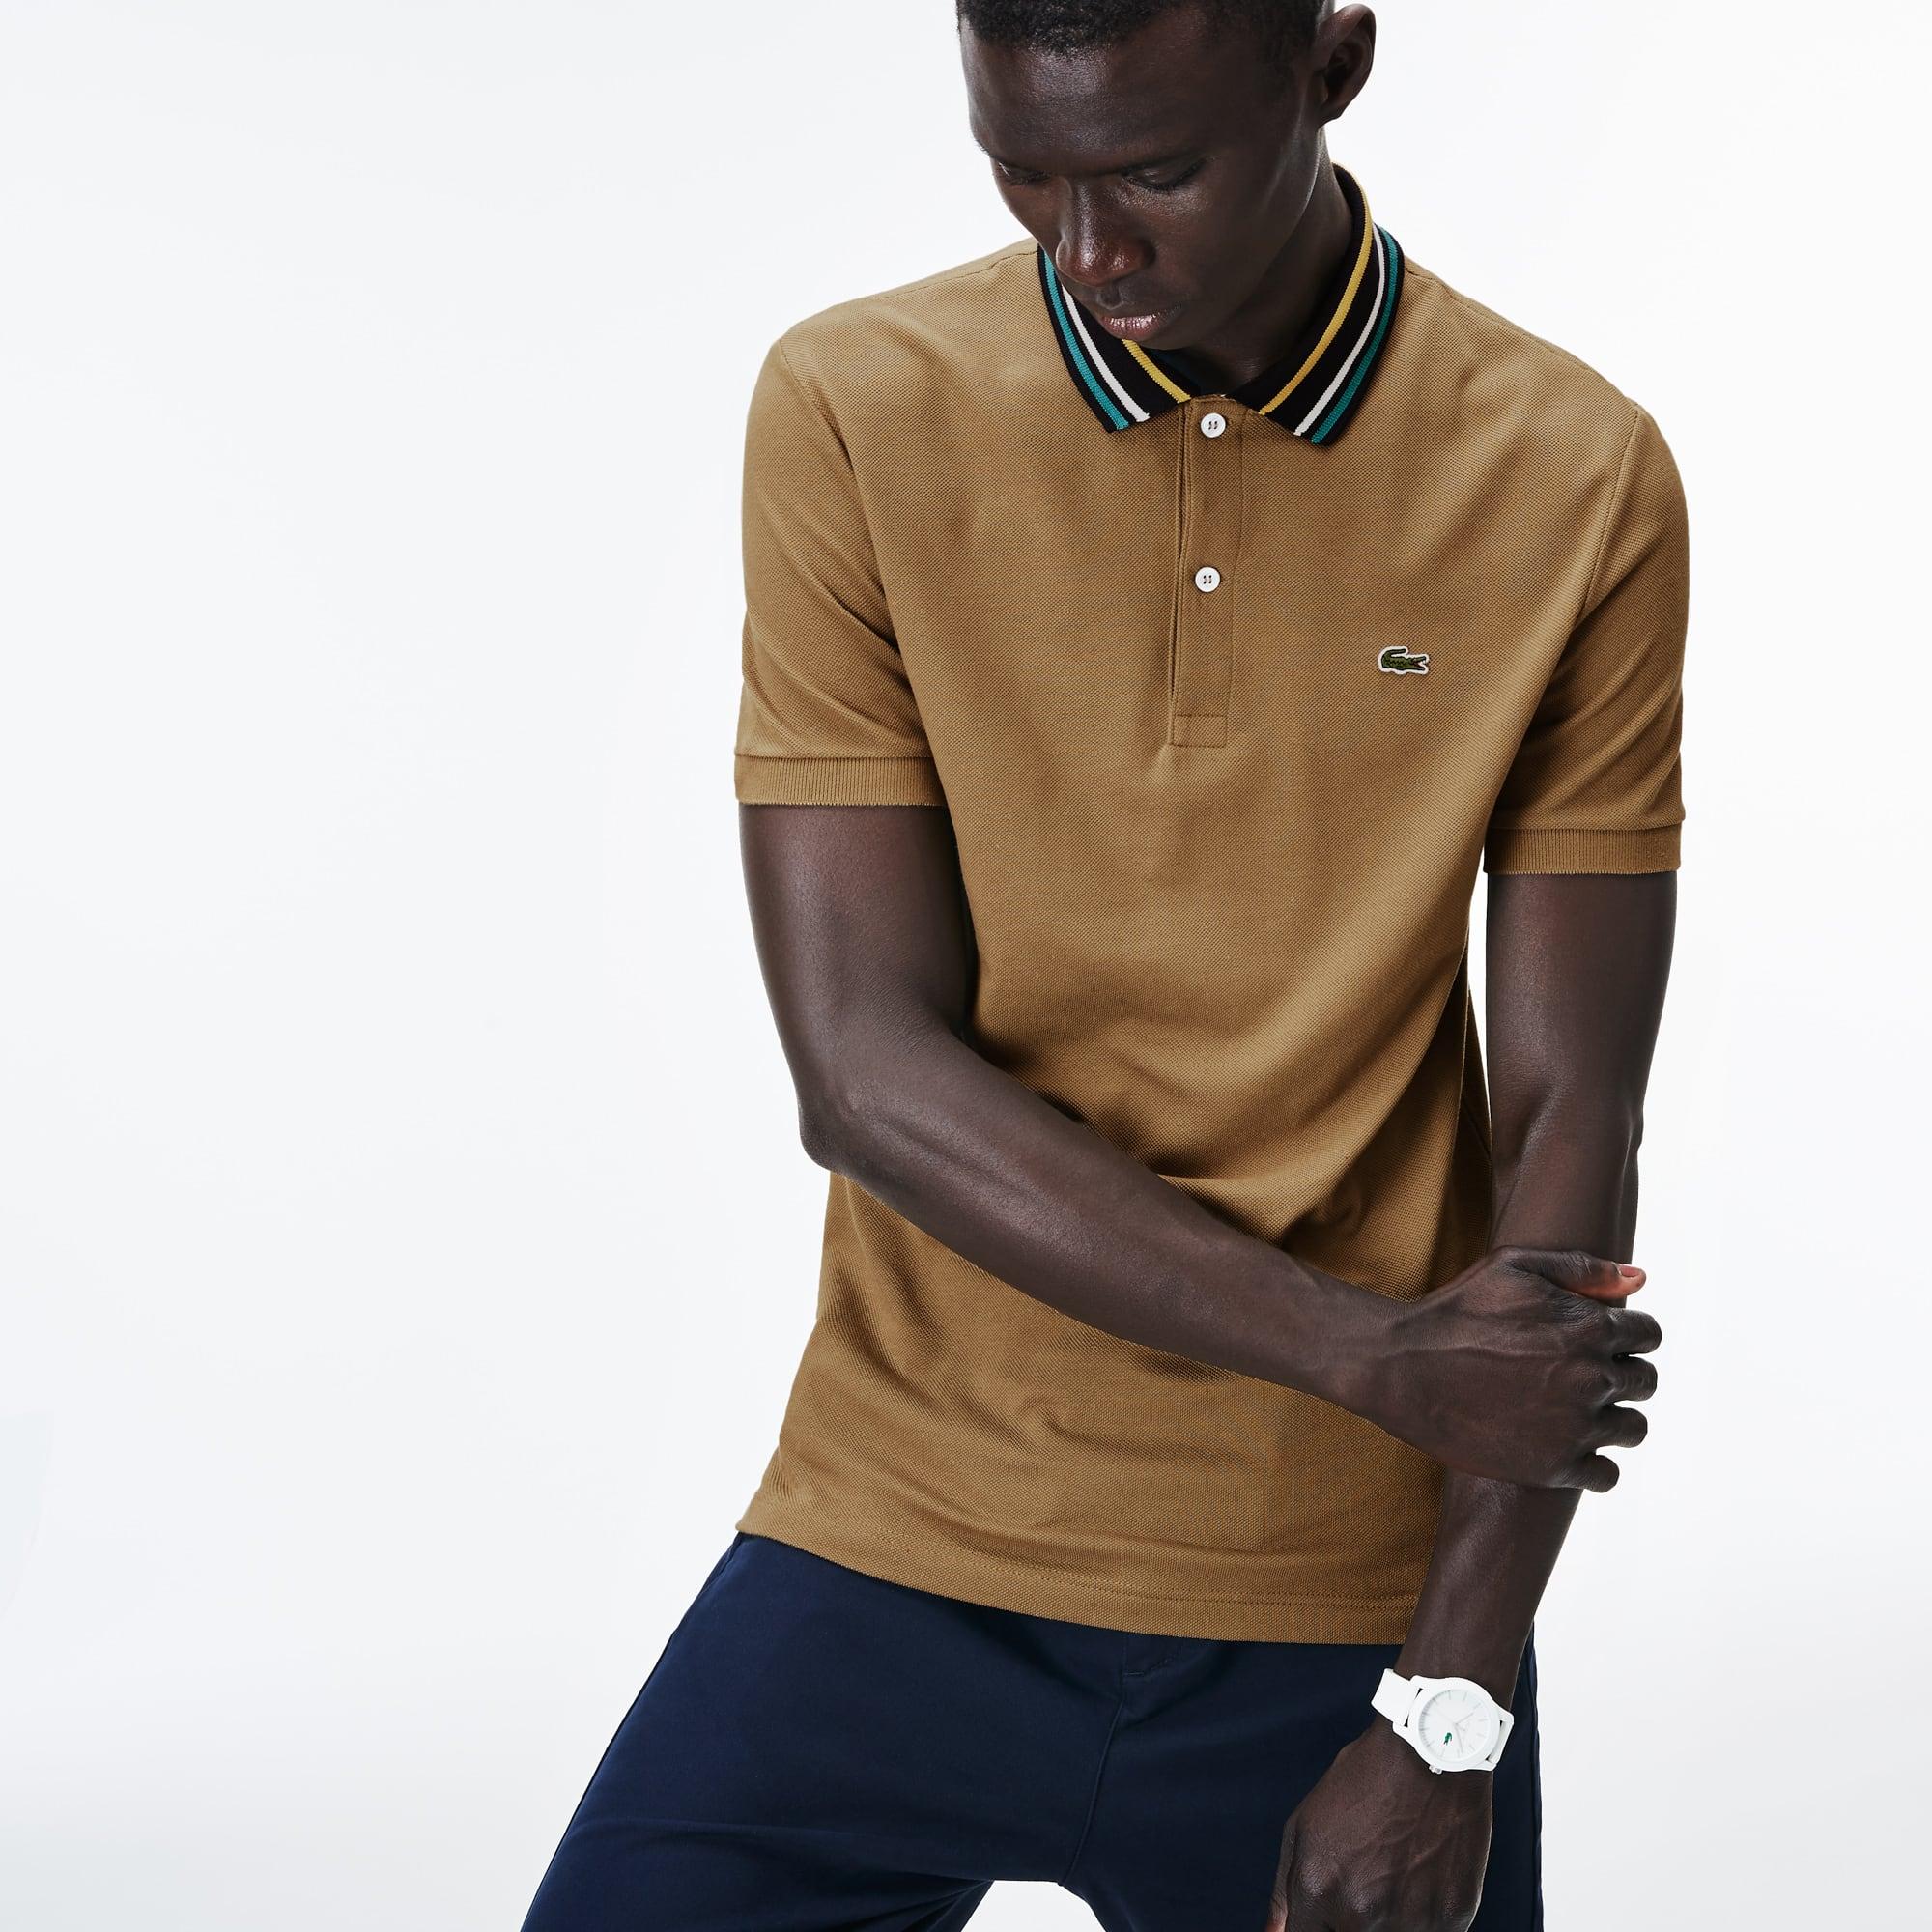 Lacoste - Polo De Hombre Lacoste Slim Fit En Petit Piqué Con Cuello A Contraste De Rayas - 4